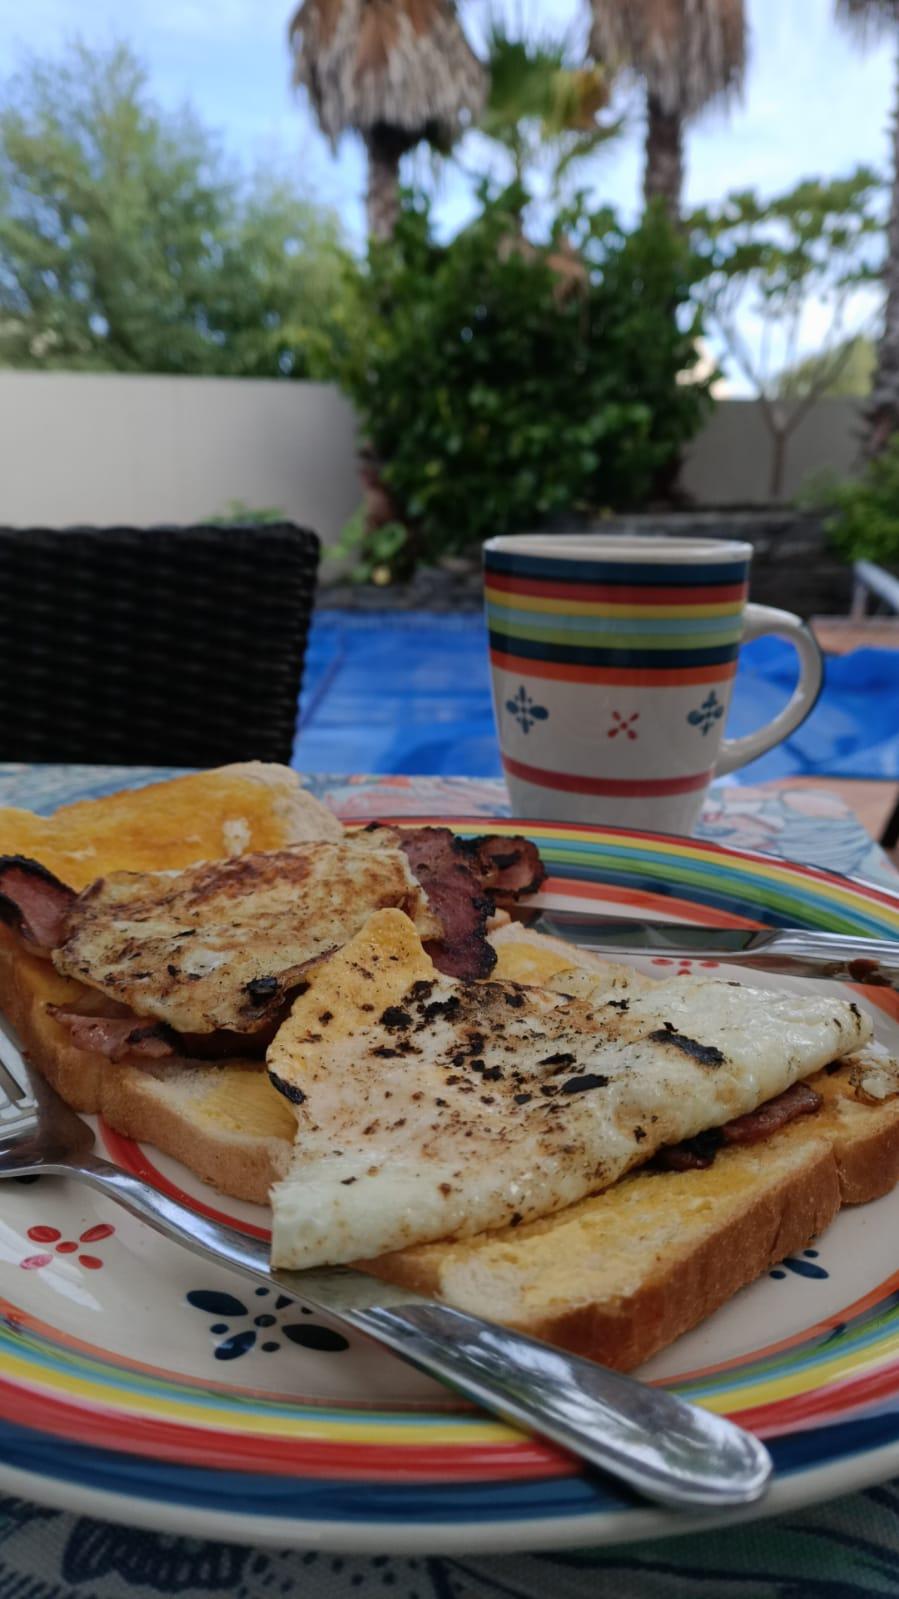 Breakfast-whatsapp-image-2020-03-21-09-a